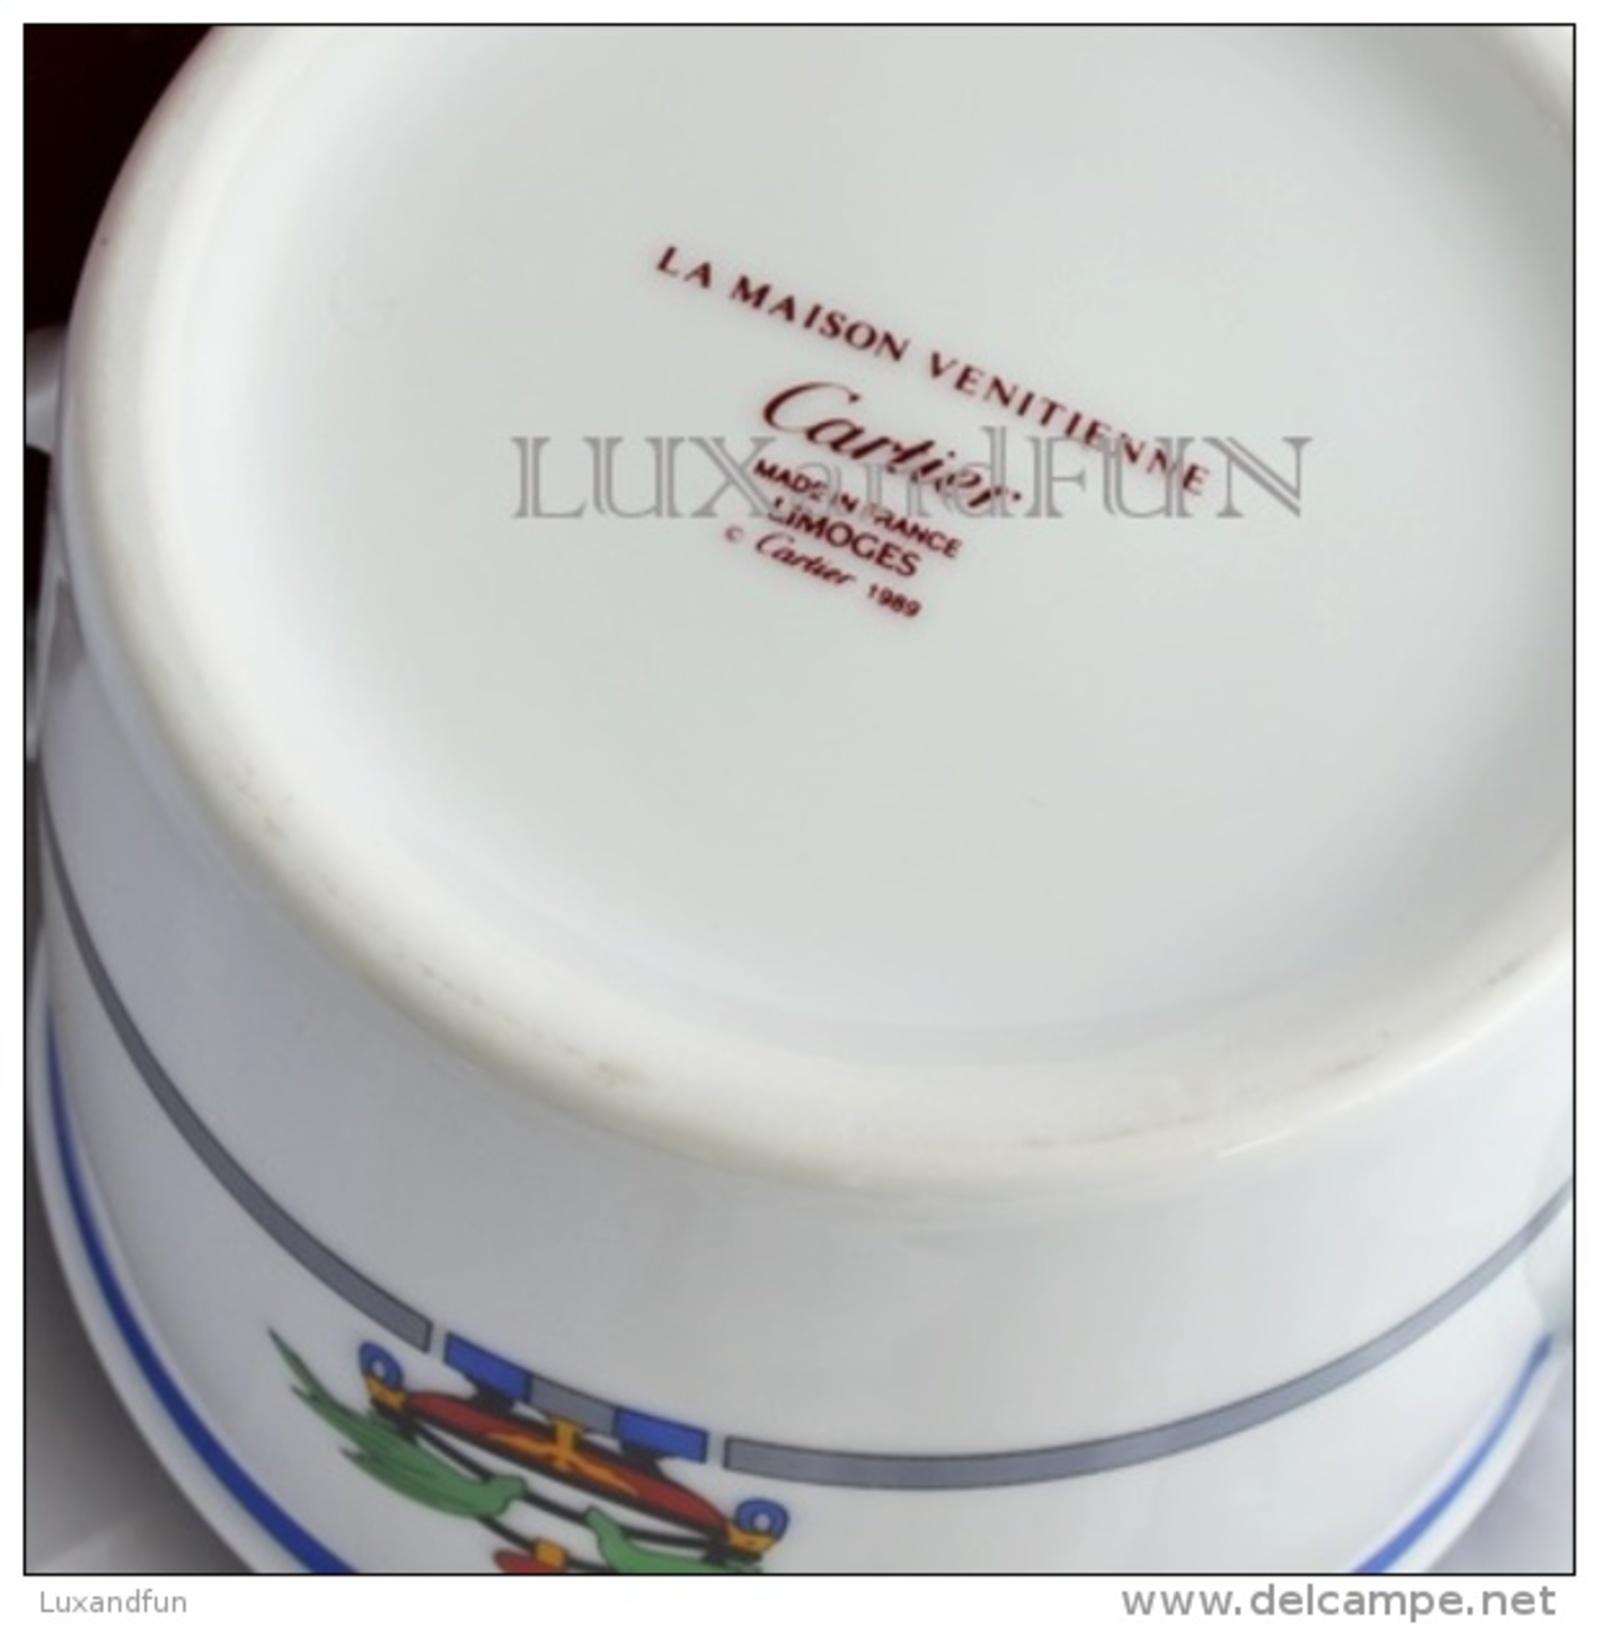 Cartier La Maison Venitienne Coffee Service - Limoges Porcelain- Servizio Caffè - Never Used - Tasas